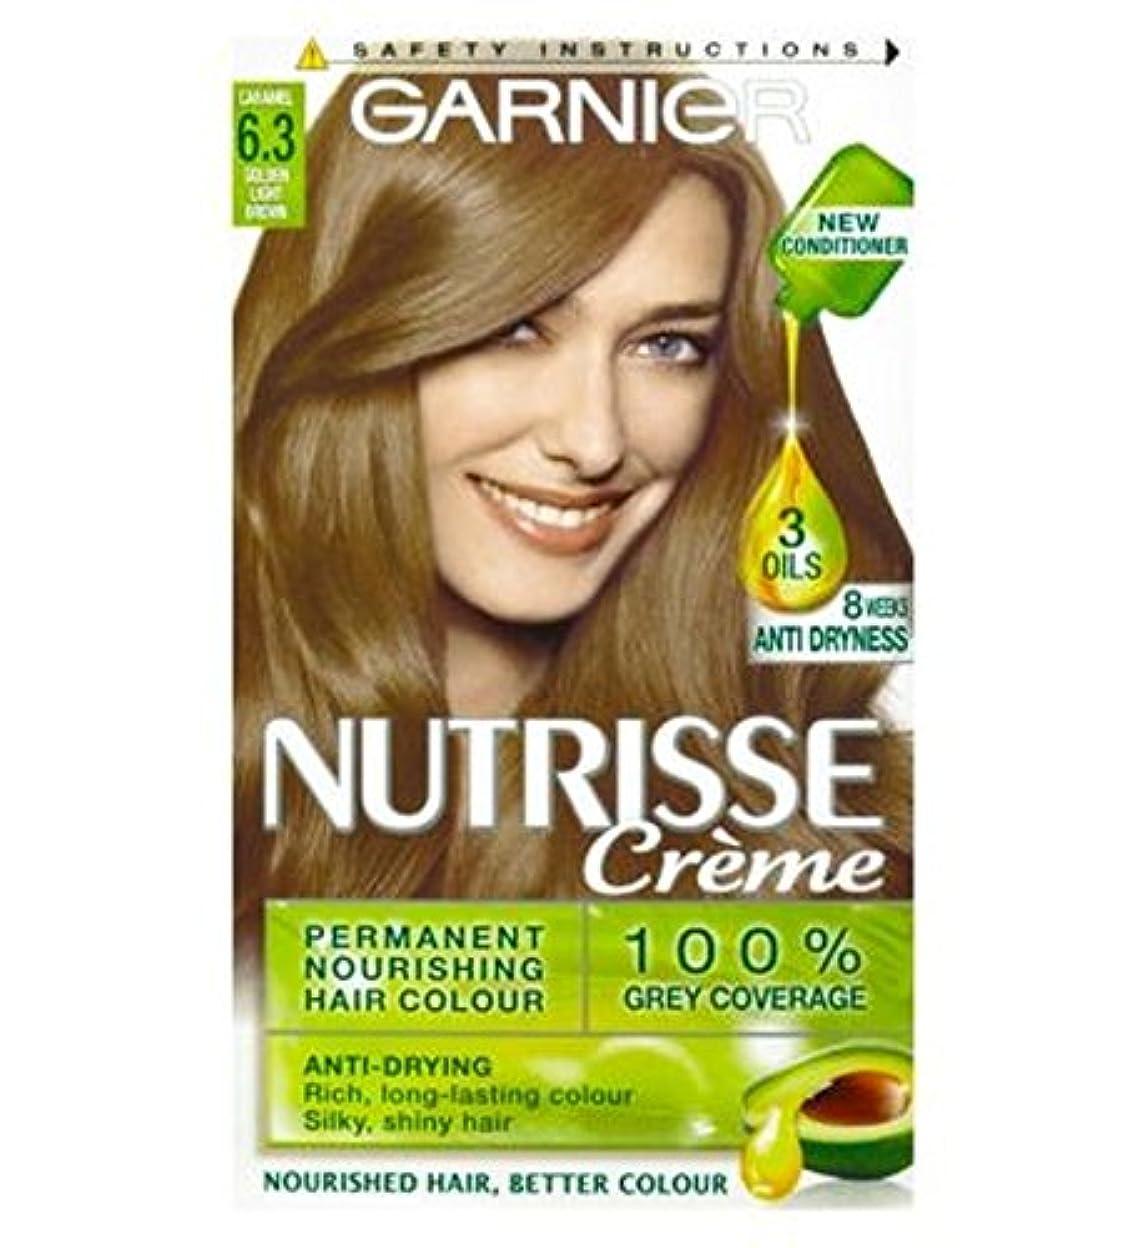 一定ウェーハ排気ガルニエNutrisseクリームパーマネントヘアカラー6.3キャラメルライトブラウン (Garnier) (x2) - Garnier Nutrisse Cr?me Permanent Hair Colour 6.3 Caramel...